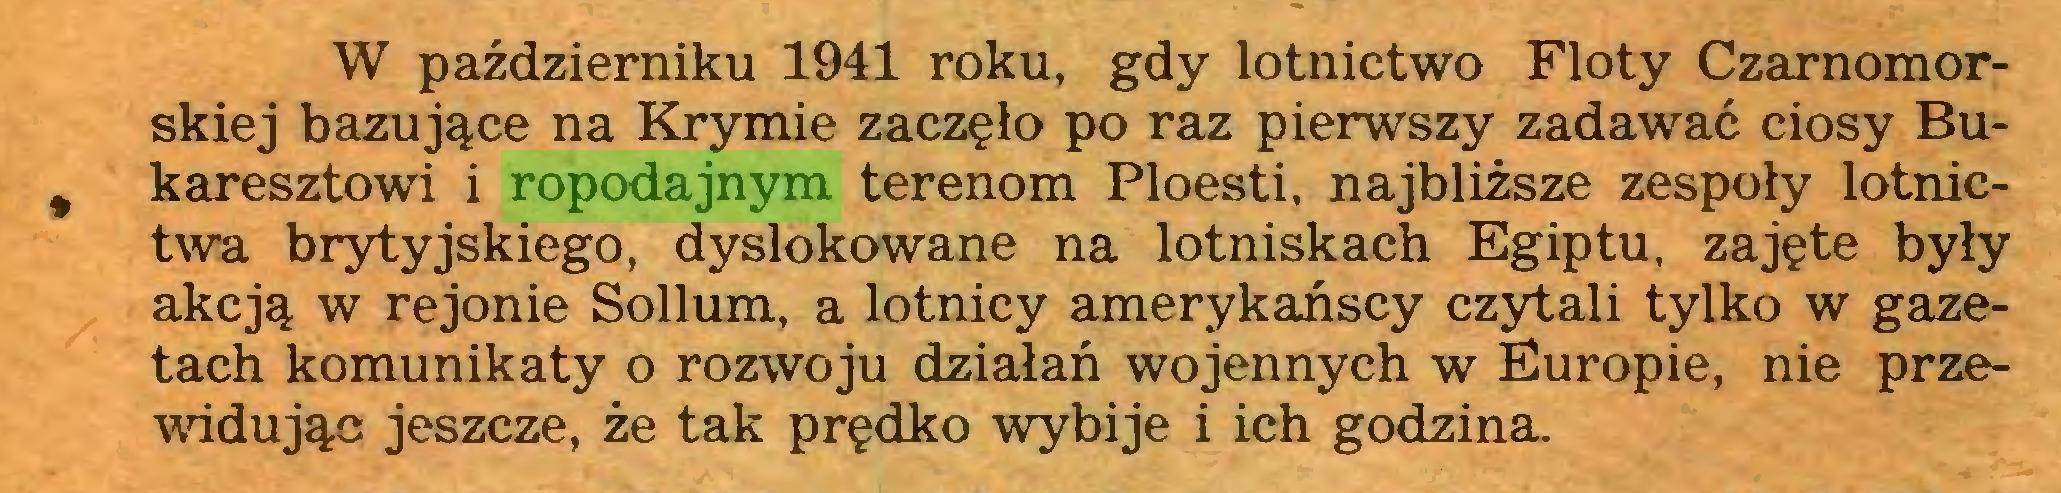 (...) W październiku 1941 roku, gdy lotnictwo Floty Czarnomorskiej bazujące na Krymie zaczęło po raz pierwszy zadawać ciosy Bu% karesztowi i ropodajnym terenom Ploesti, najbliższe zespoły lotnictwa brytyjskiego, dyslokowane na lotniskach Egiptu, zajęte były akcją w rejonie Sollum, a lotnicy amerykańscy czytali tylko w gazetach komunikaty o rozwoju działań wojennych w Europie, nie przewidując jeszcze, że tak prędko wybije i ich godzina...